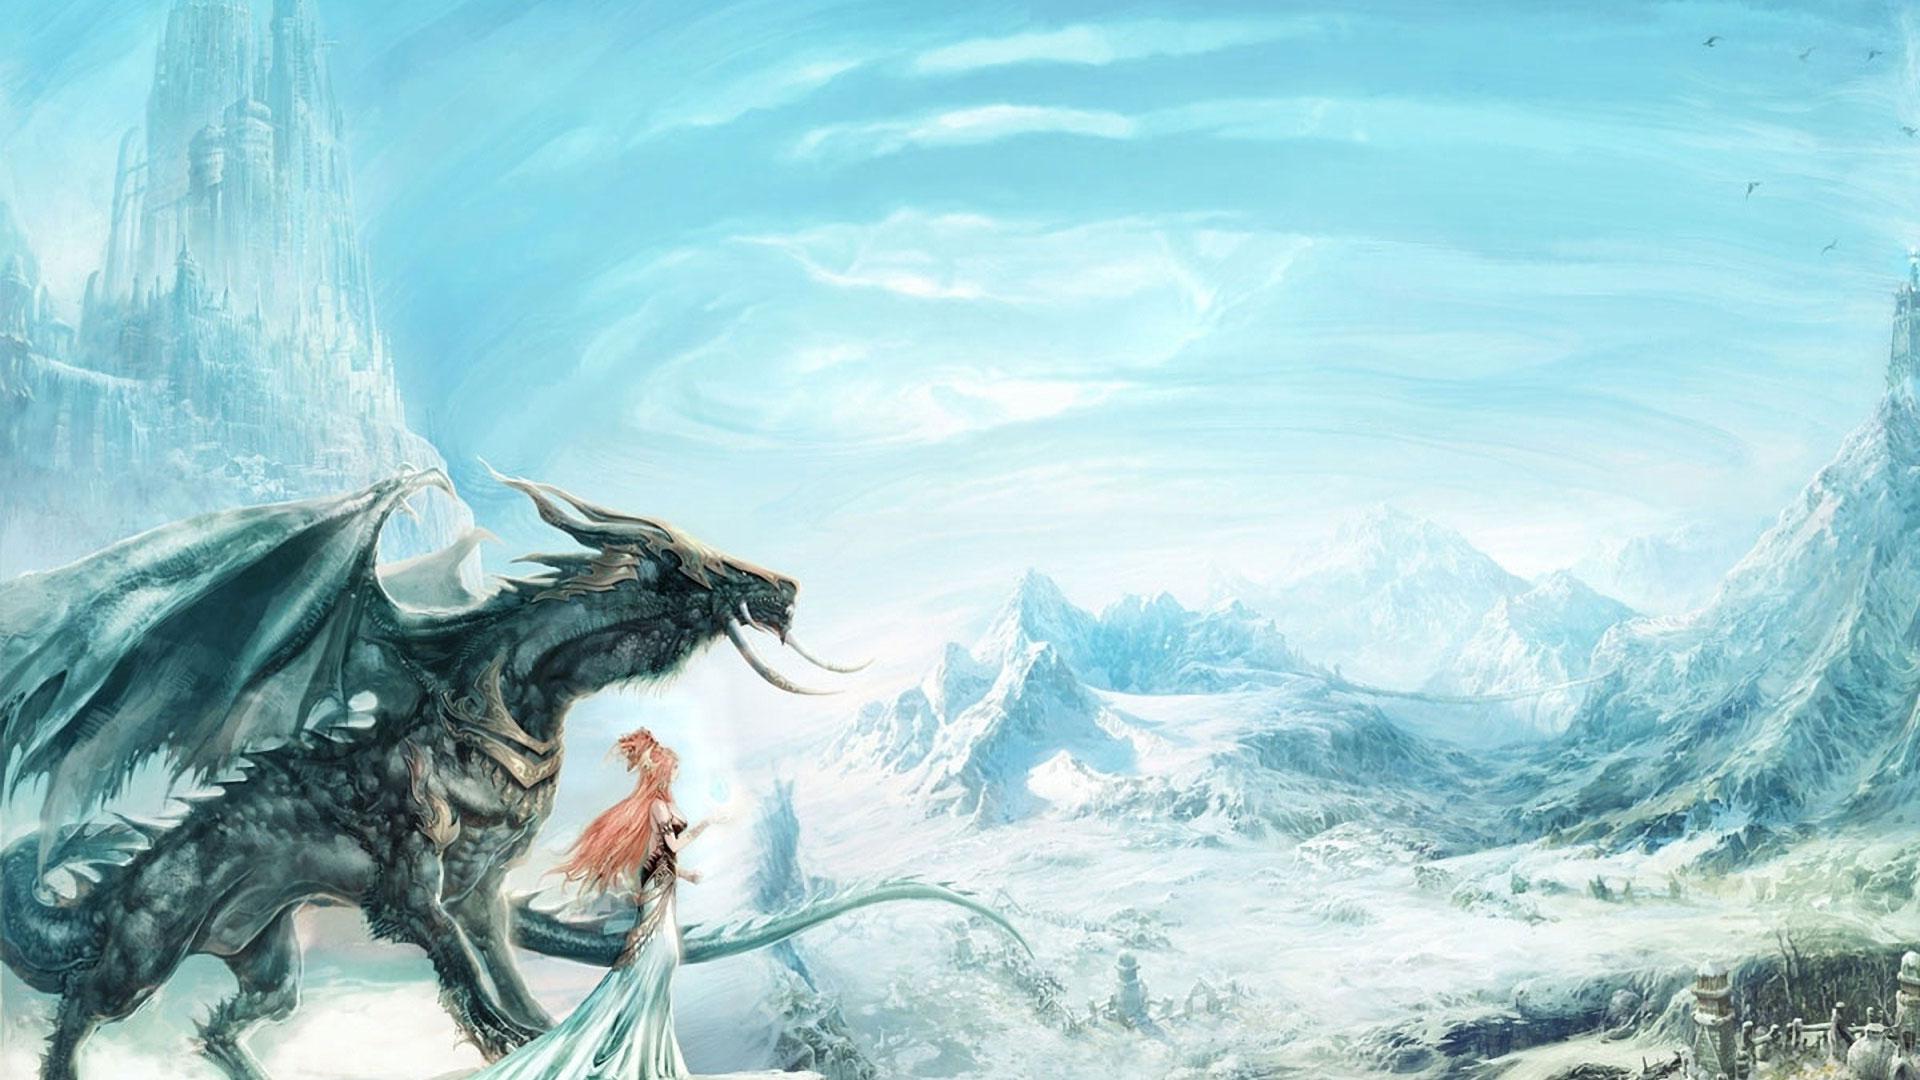 Обои на рабочий стол дракон красивые